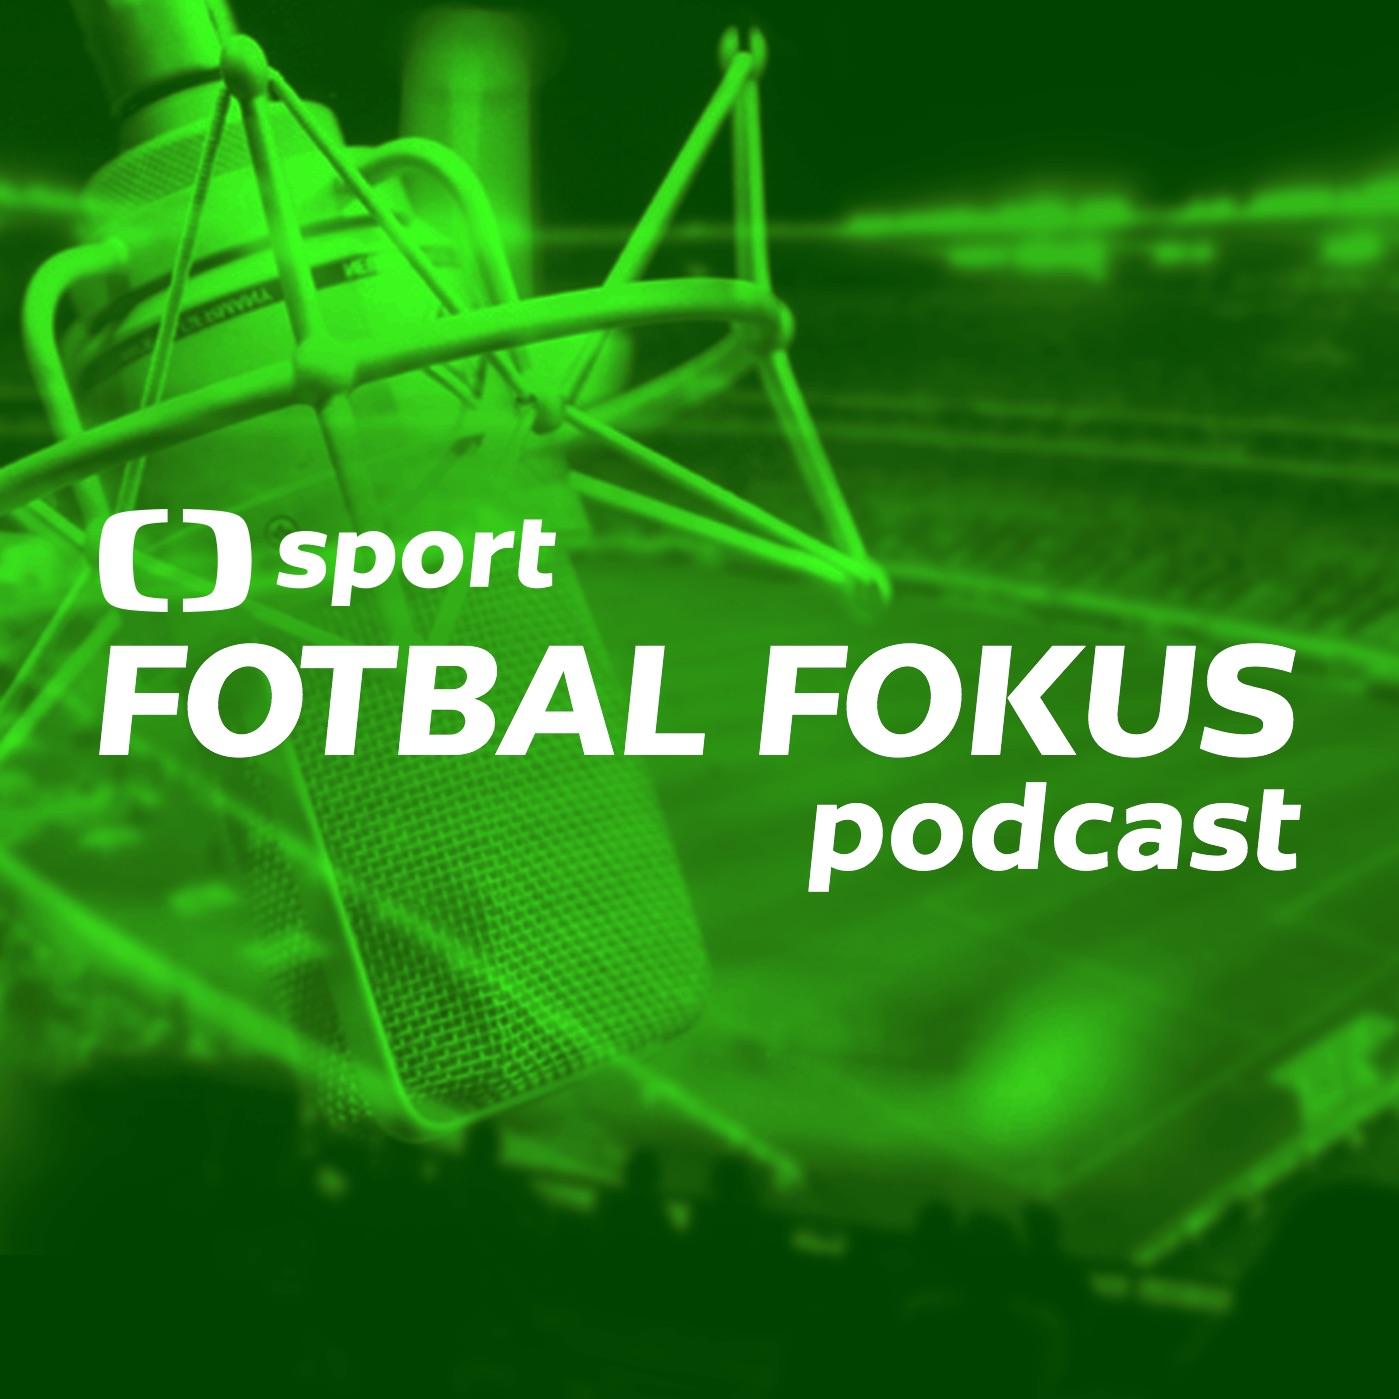 Fotbal fokus podcast: Zůstává video i po derby správnou cestou?